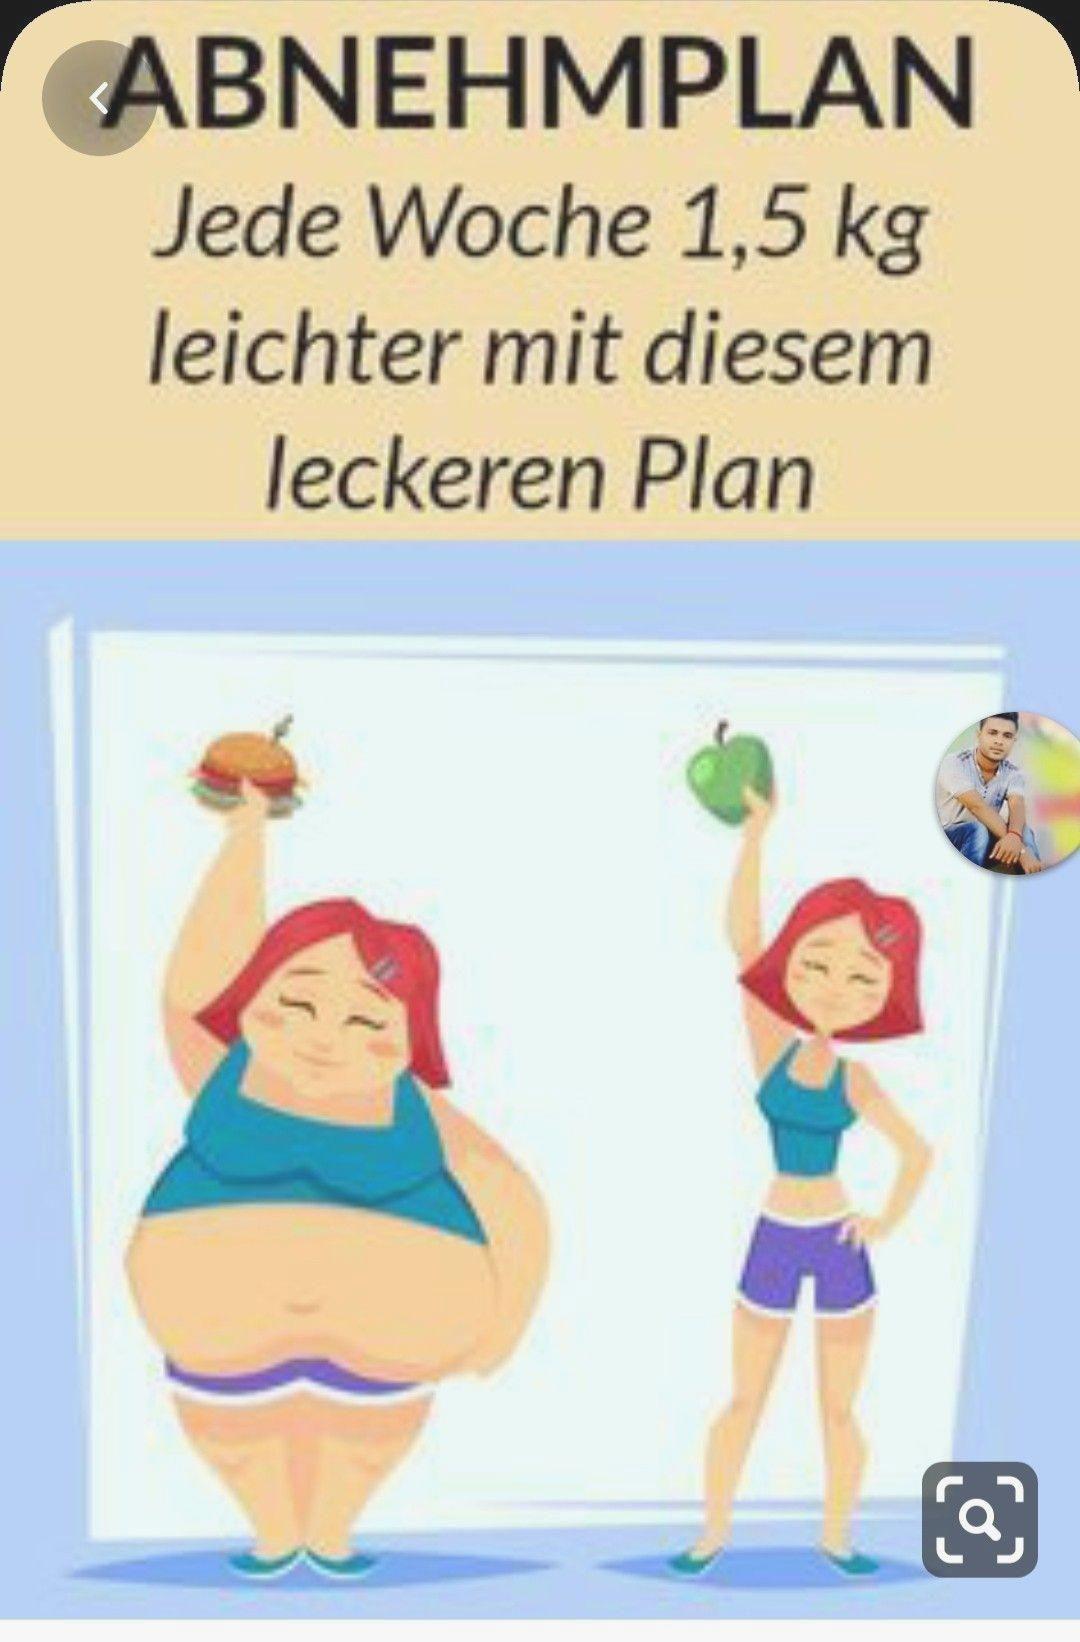 Effektiver Abnehmplan   Bis zu 6 Kilogramm in 4 Wochen verlieren #abnehmen #abnehmendurchhalten #durchhalten #essen   #abne #Abnehmen #Abnehmplan #bis #effektiver #Kilogramm #verlieren #Wochen